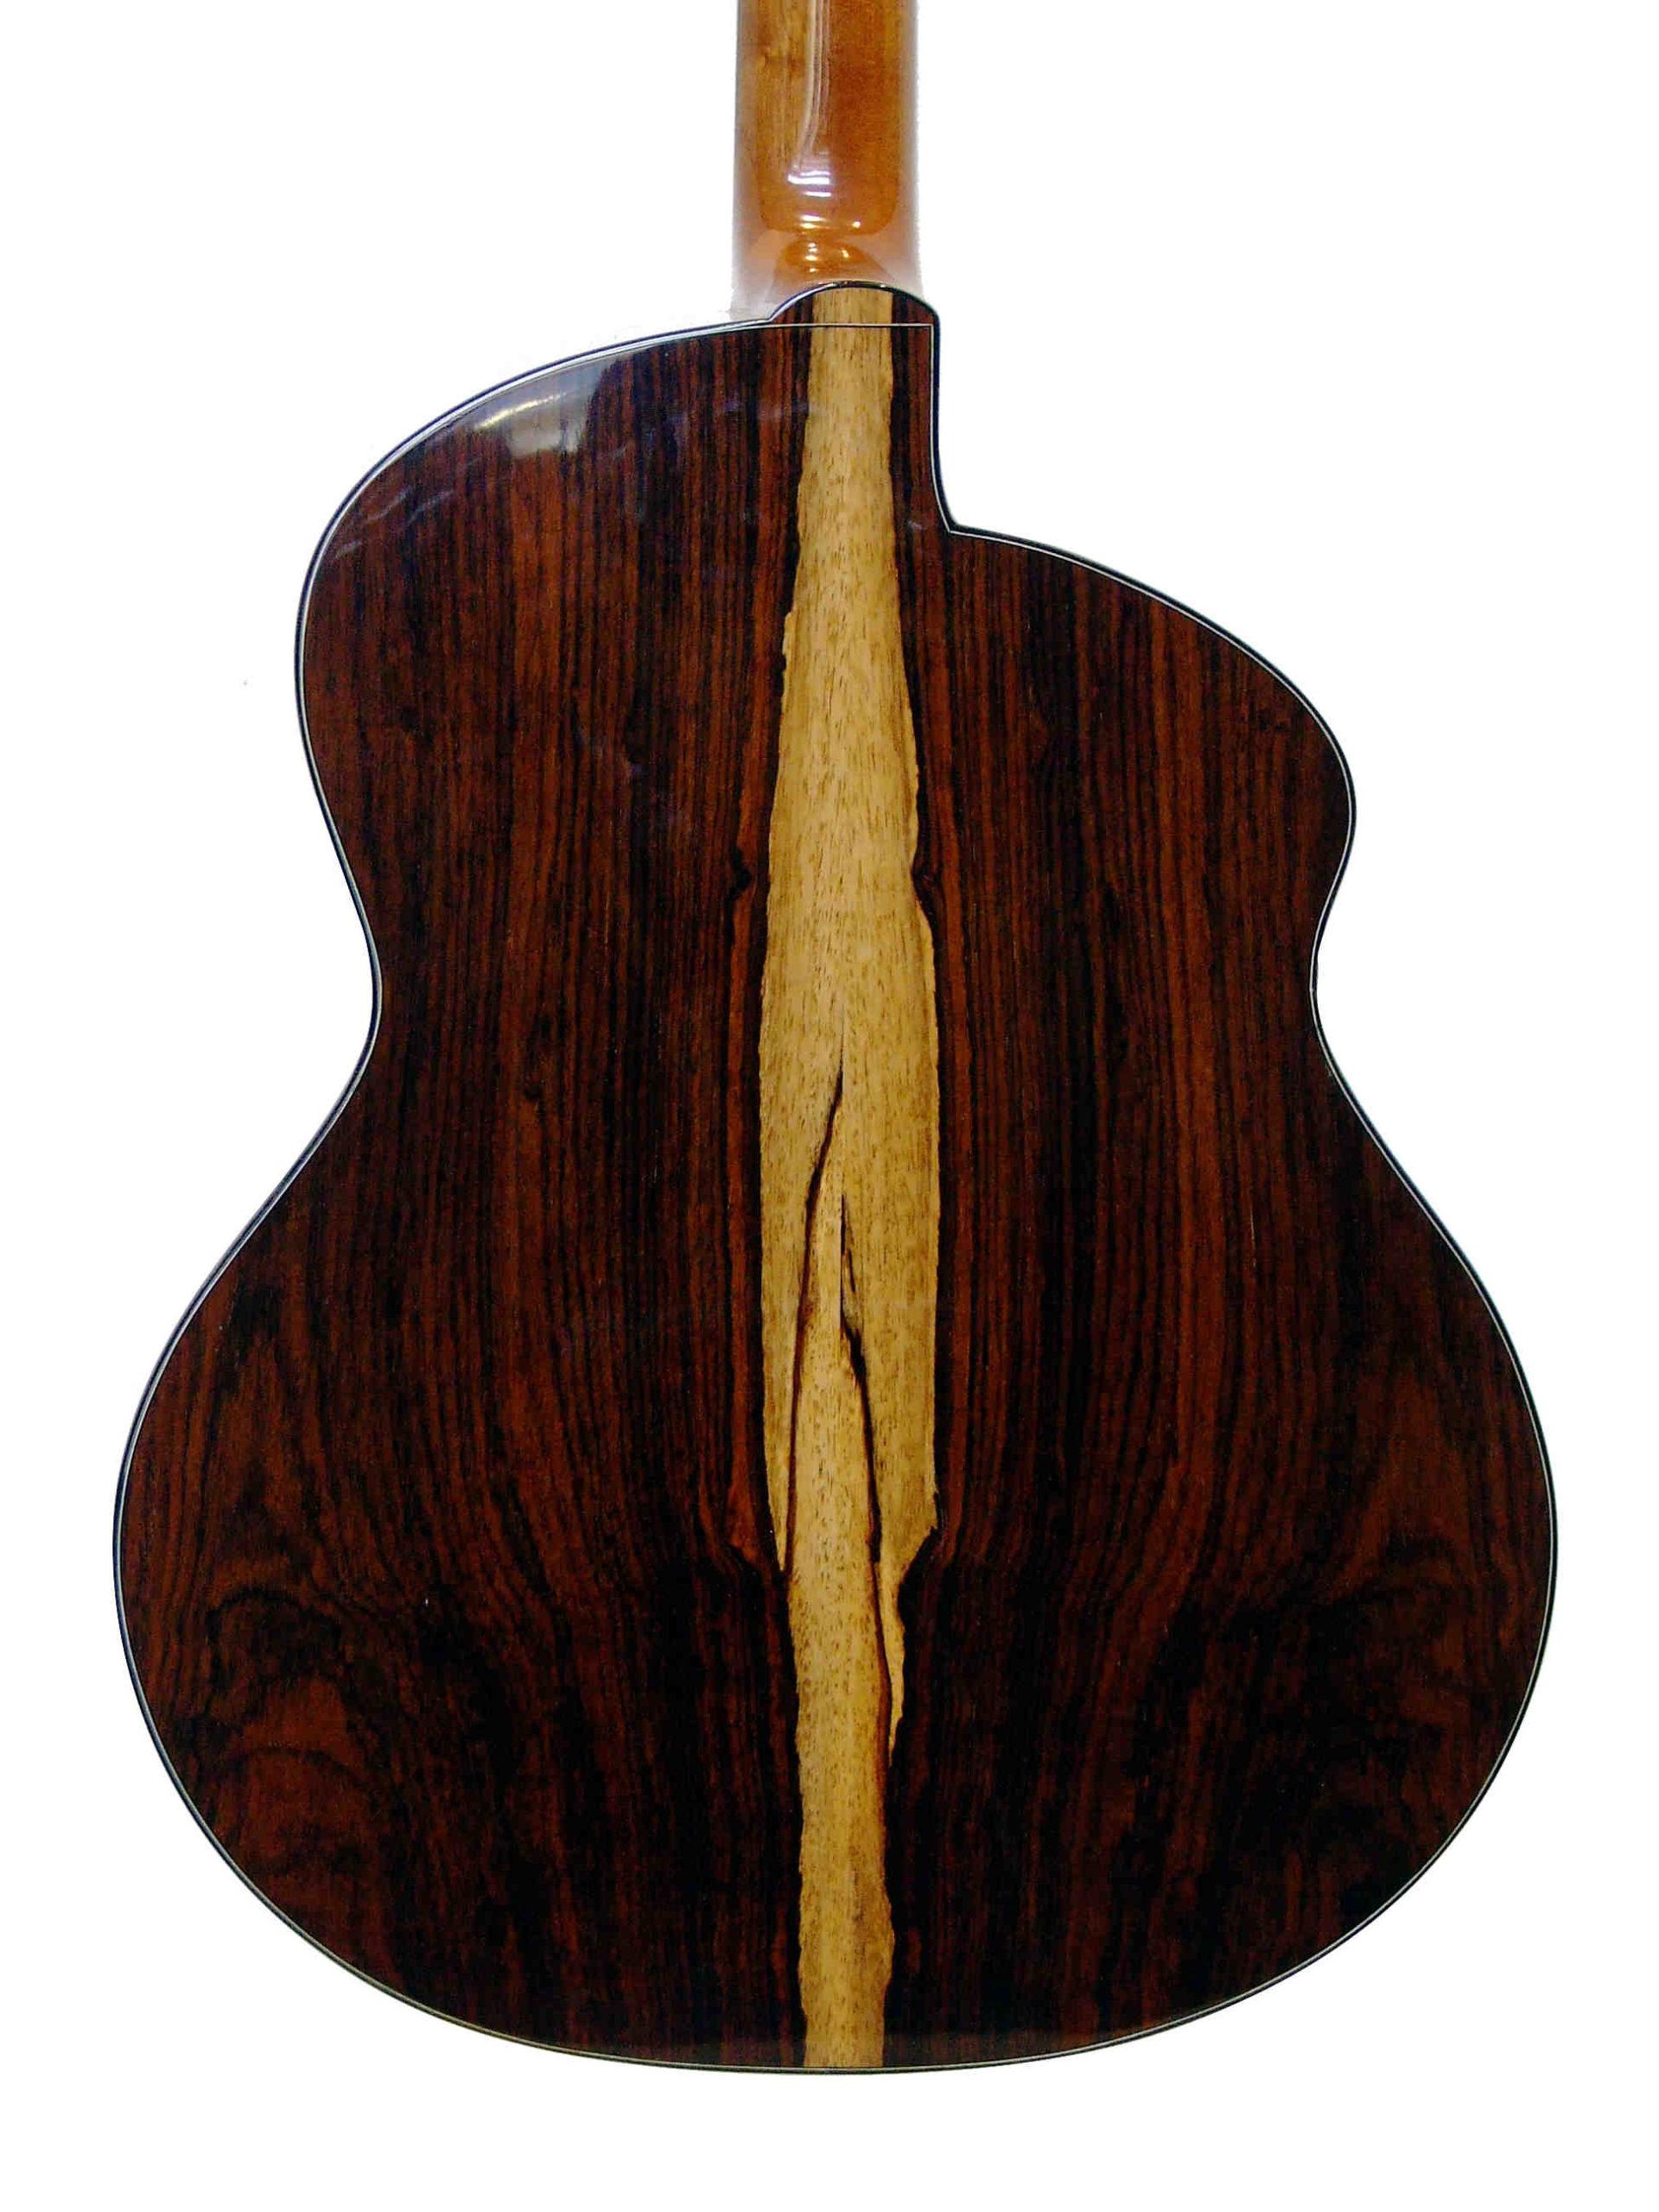 Comment changer les cordes d'une guitare?